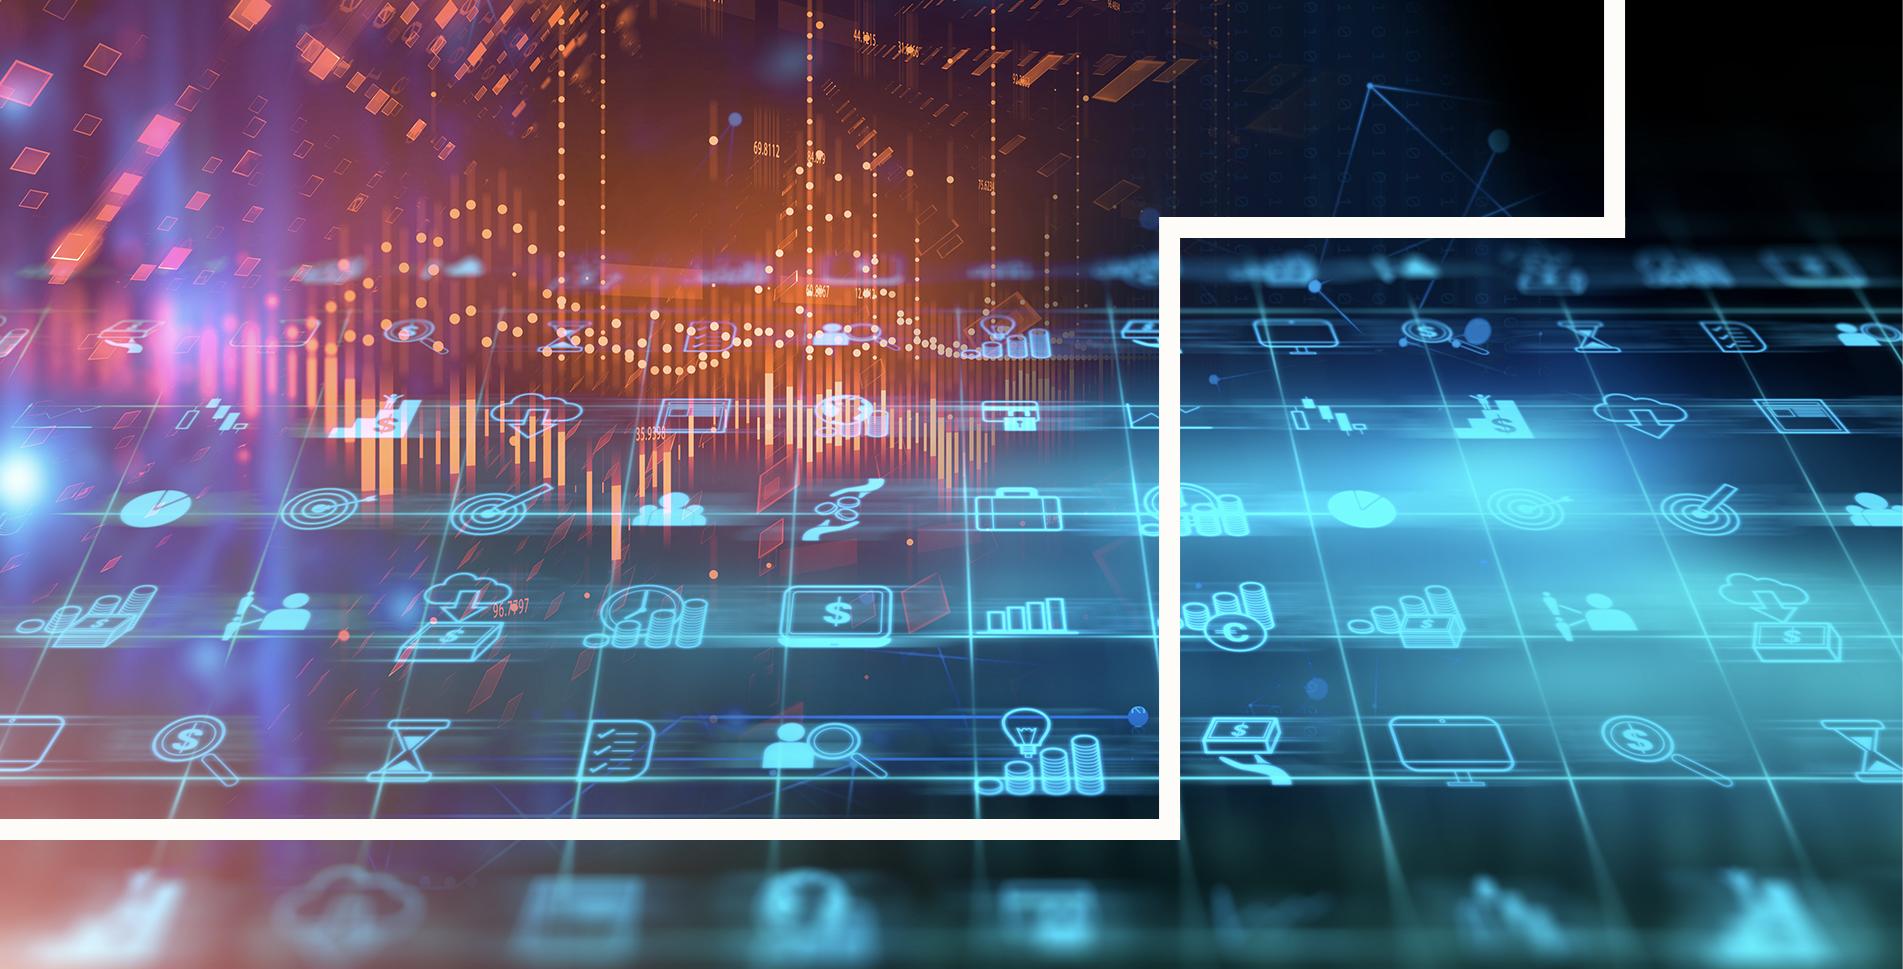 Yeni Torba Kanun Sonrası Ar-Ge/Tasarım Merkezleri ve Teknokent Şirketlerini İlgilendiren Özellikli Konular (Webcast)